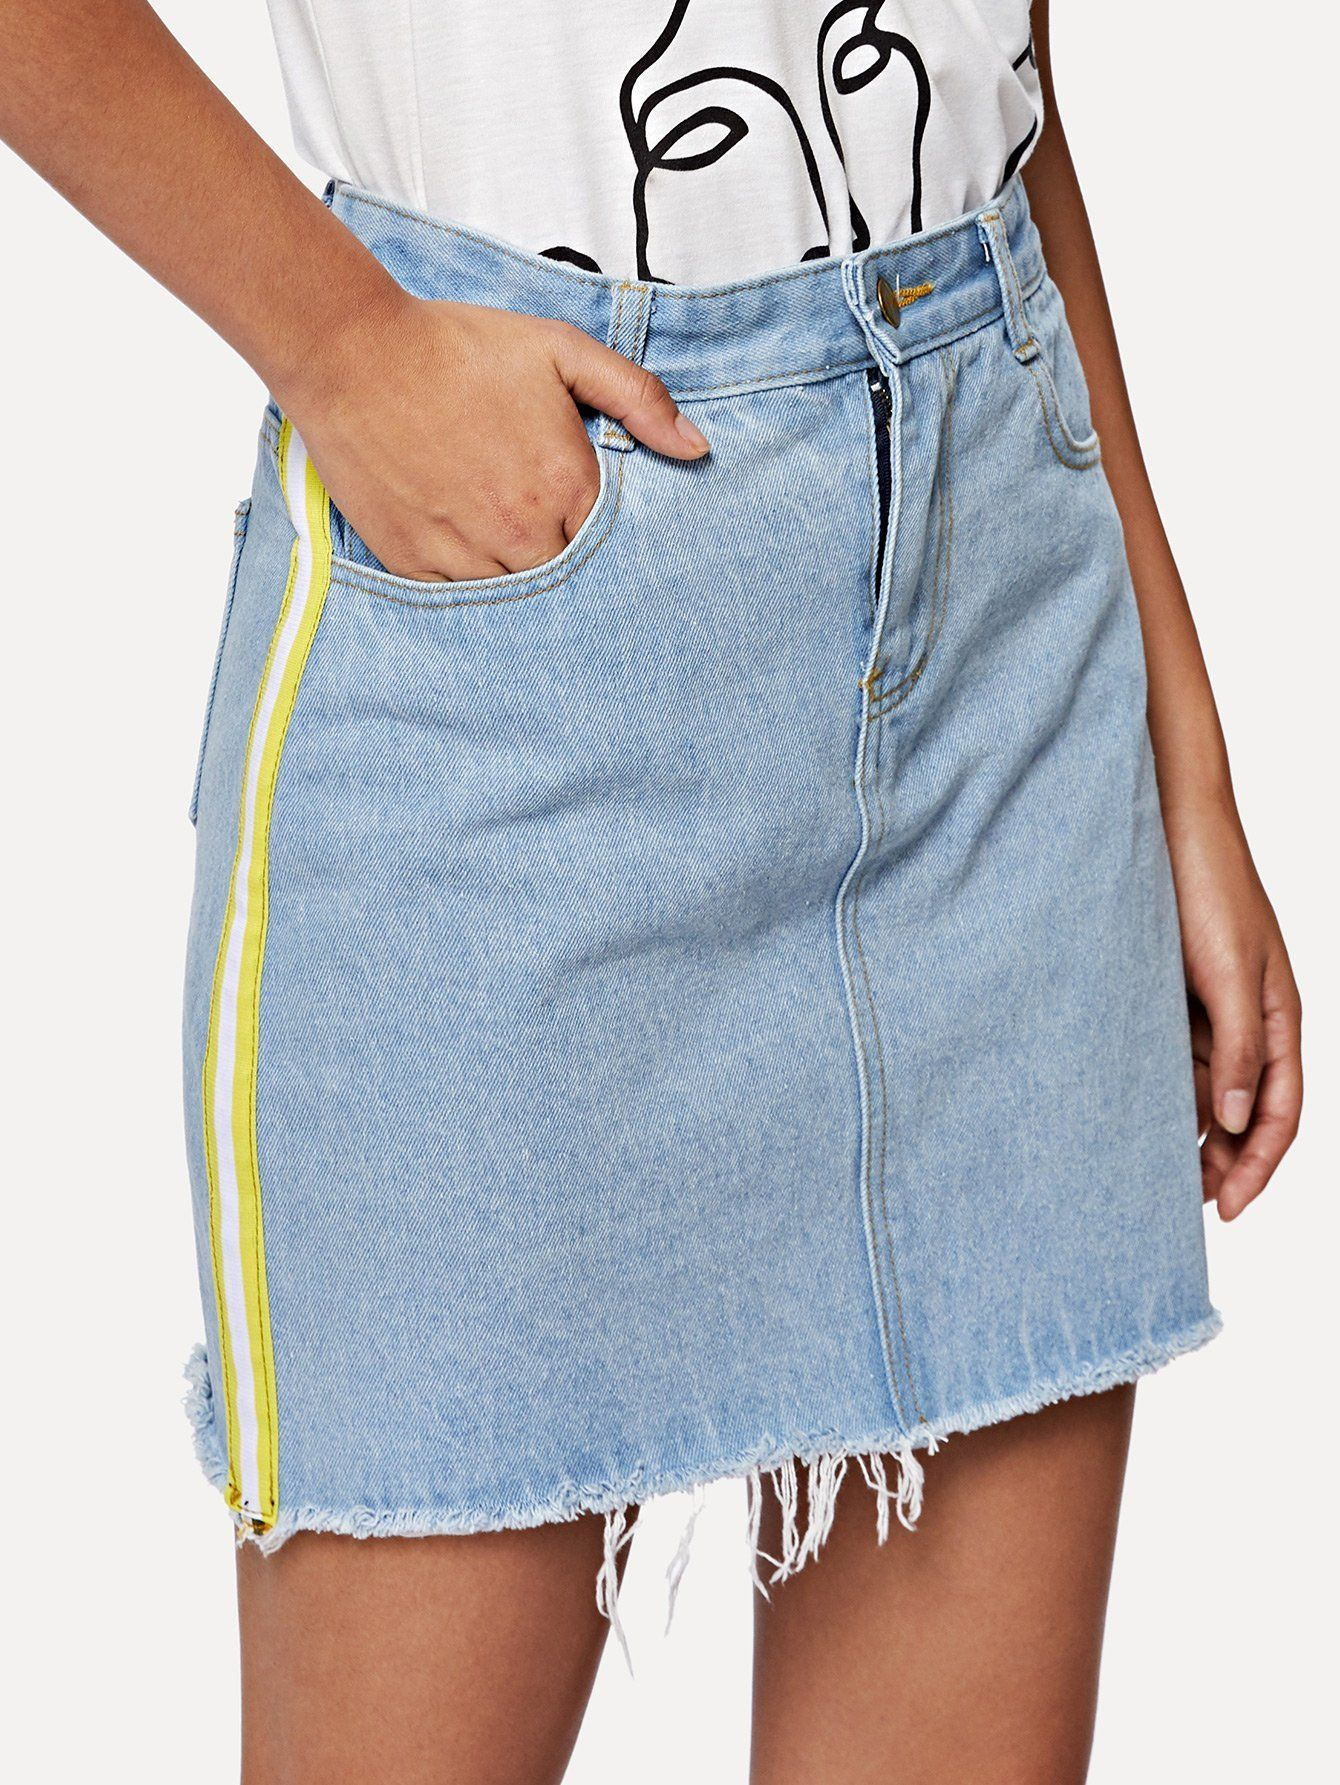 460a0ddad Stripe Side Frayed Denim Skirt   Inspiration 2020   Denim skirt ...